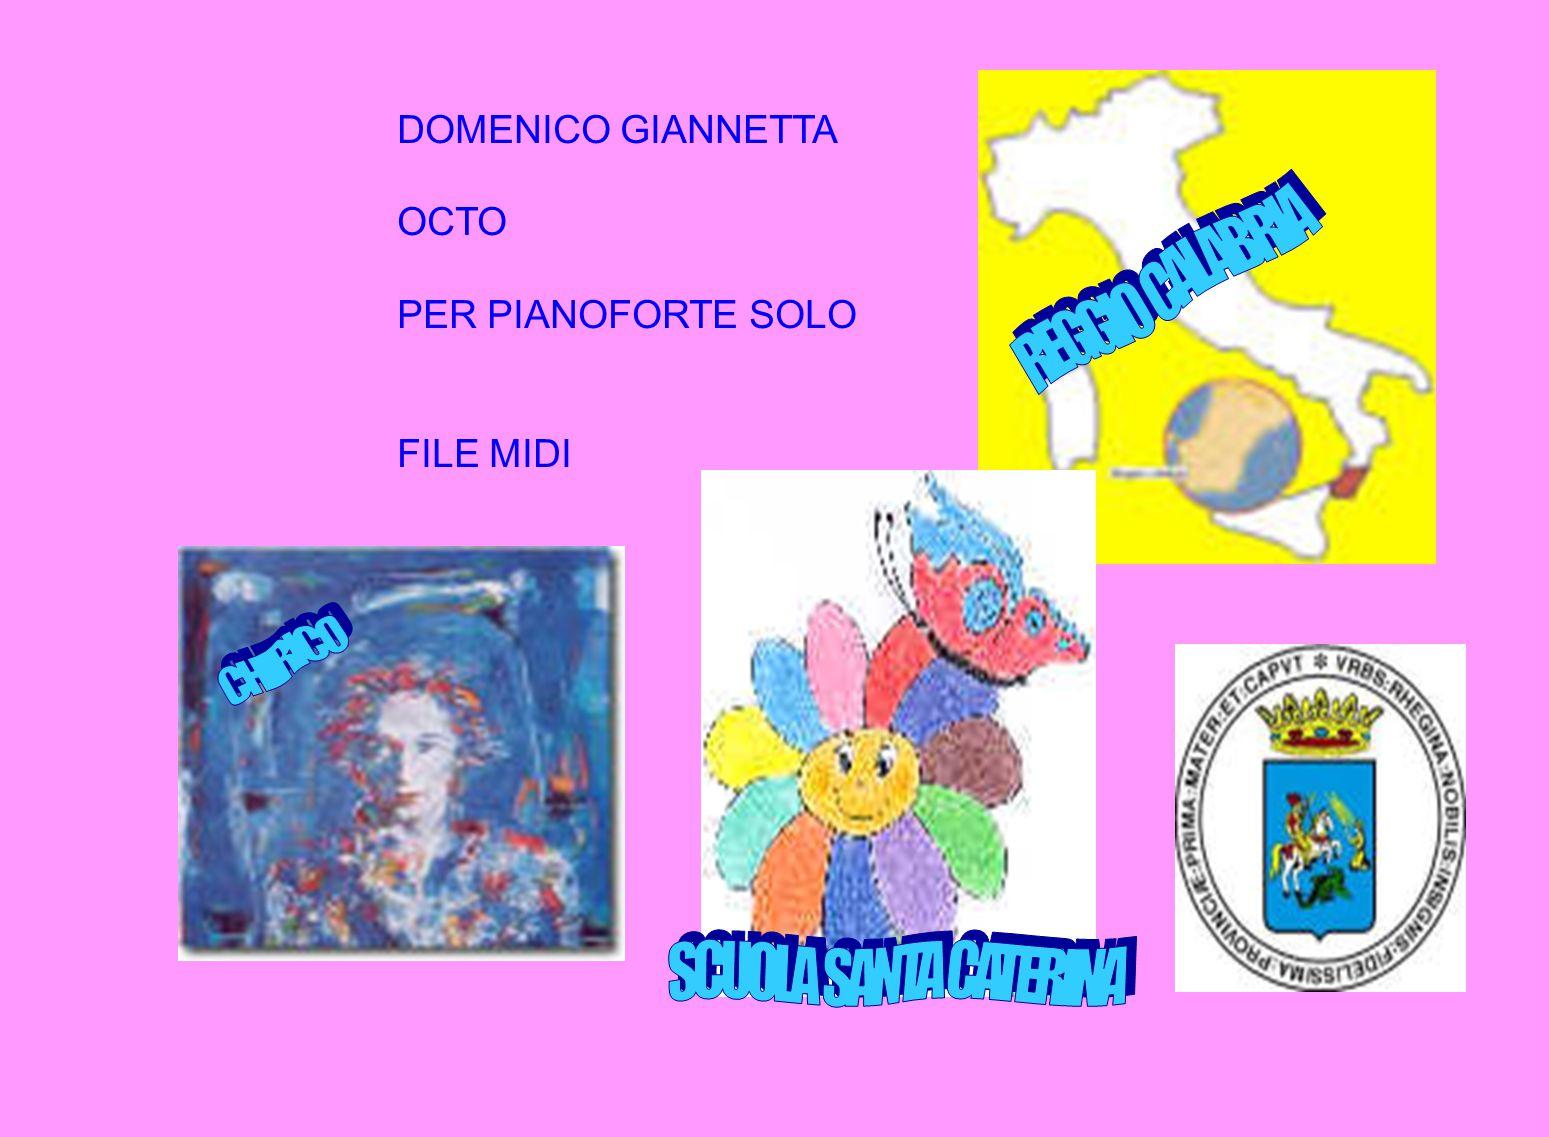 DOMENICO GIANNETTA OCTO PER PIANOFORTE SOLO FILE MIDI